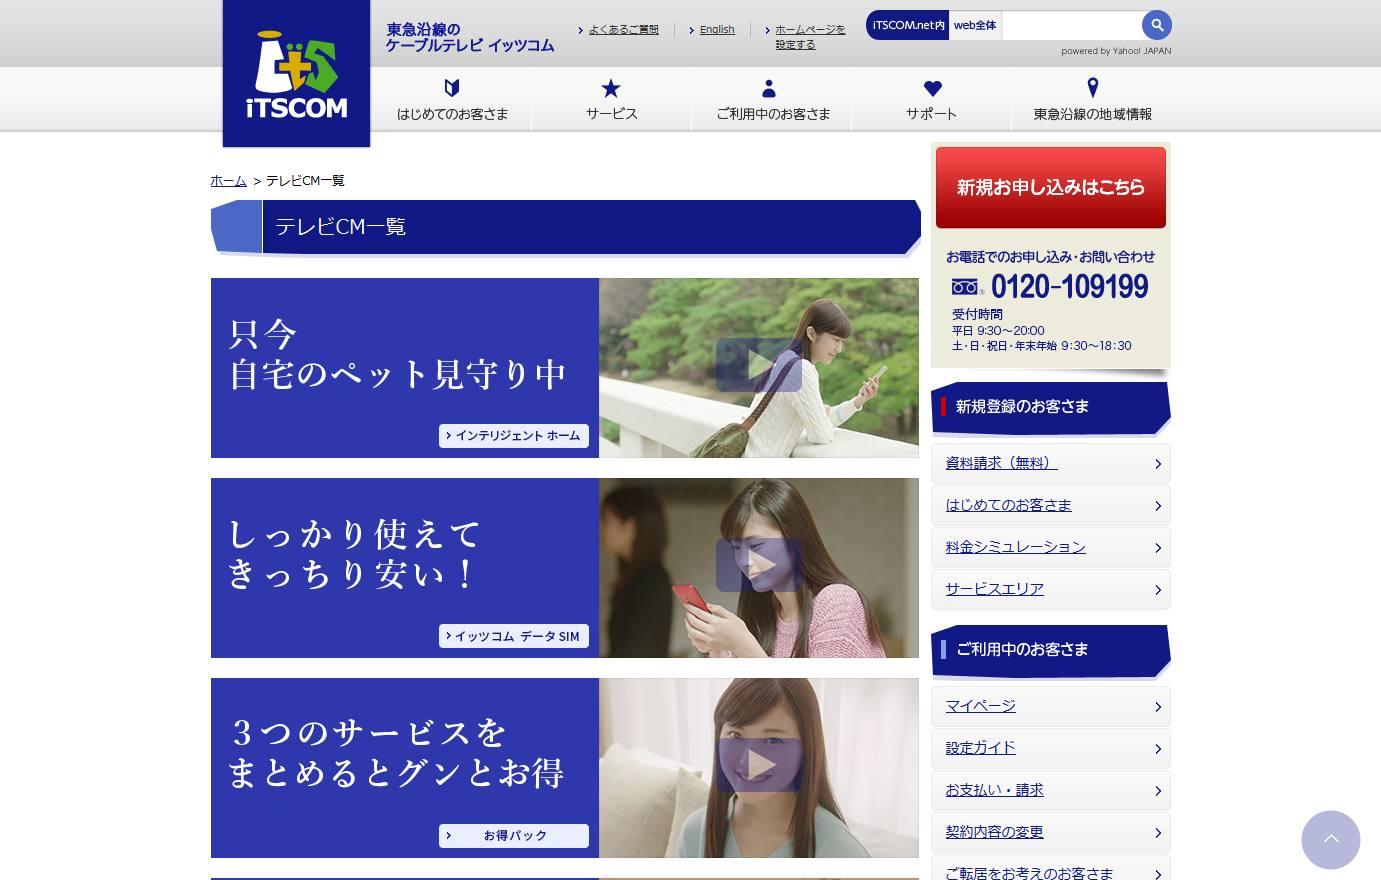 テレビCM一覧  itscom.net